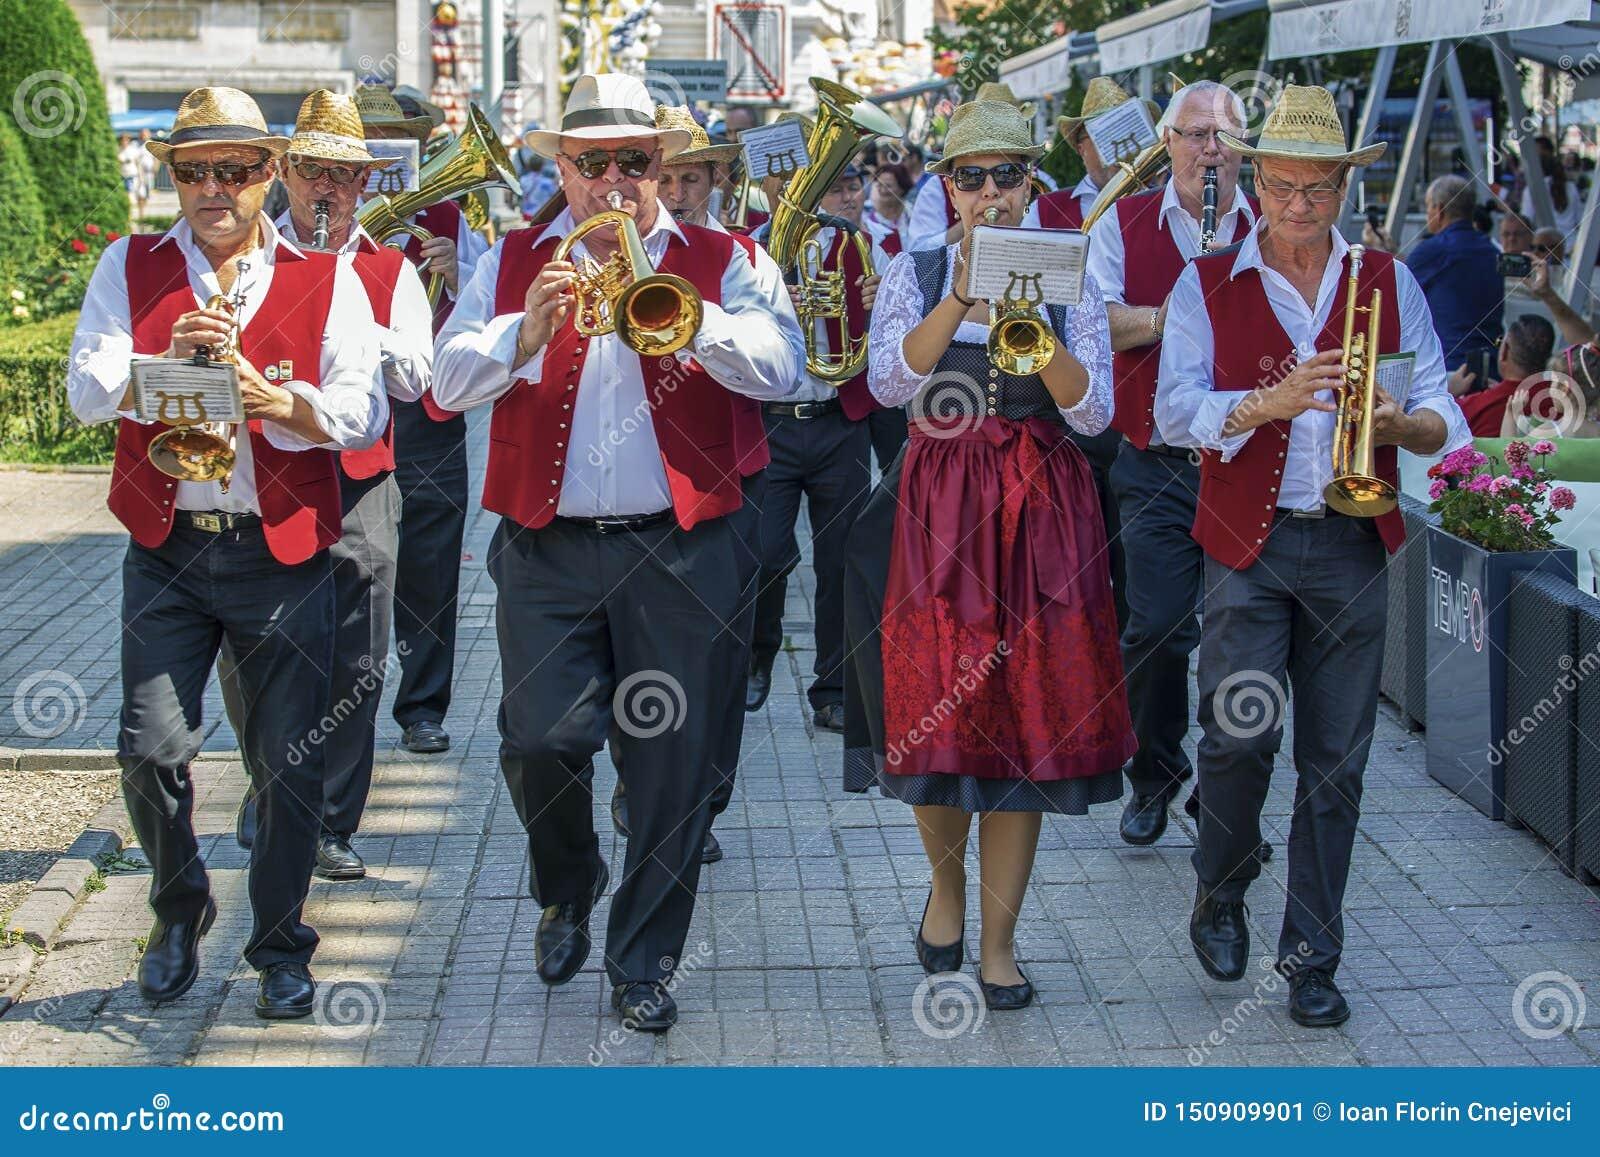 Chanteurs de fanfare, allemands ethniques, jouant aux instruments de musique